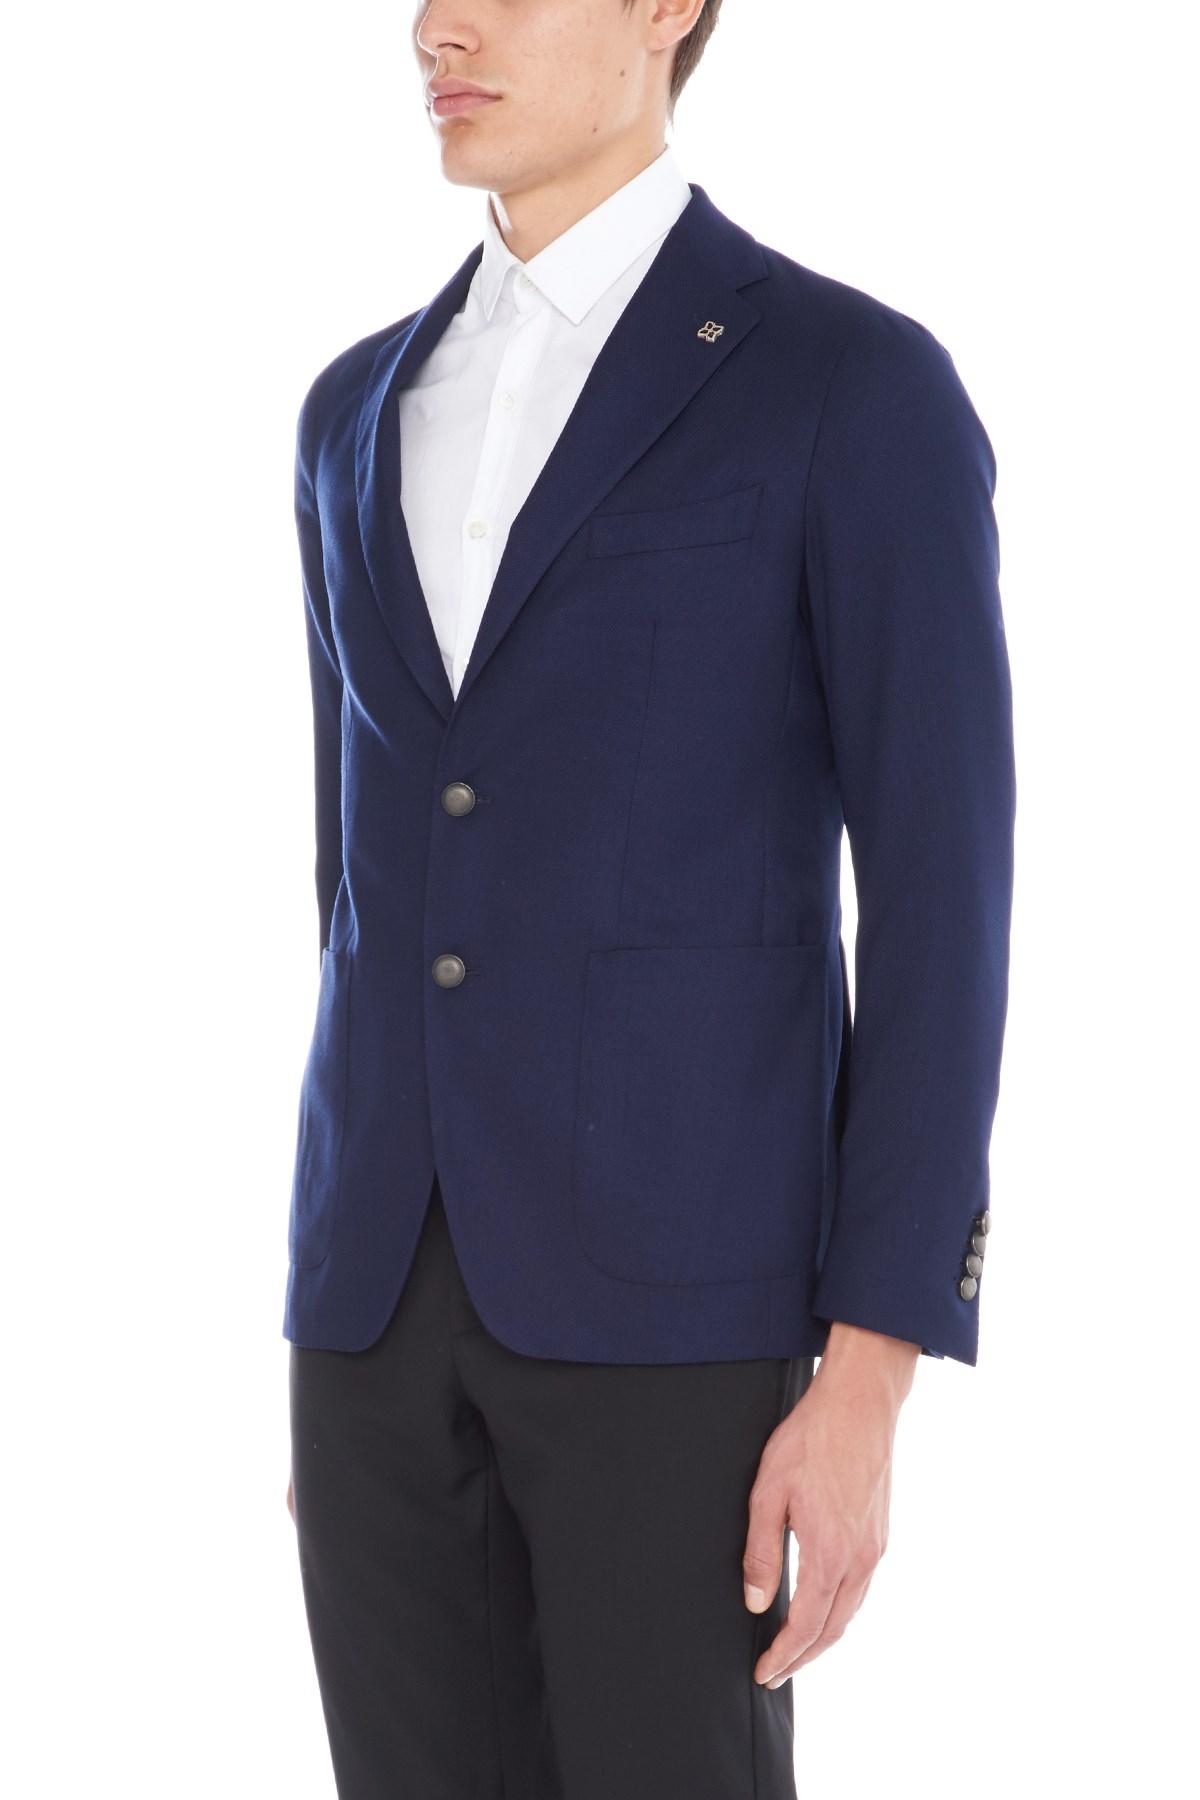 size 40 2f4c5 fe313 giacca doppiopetto